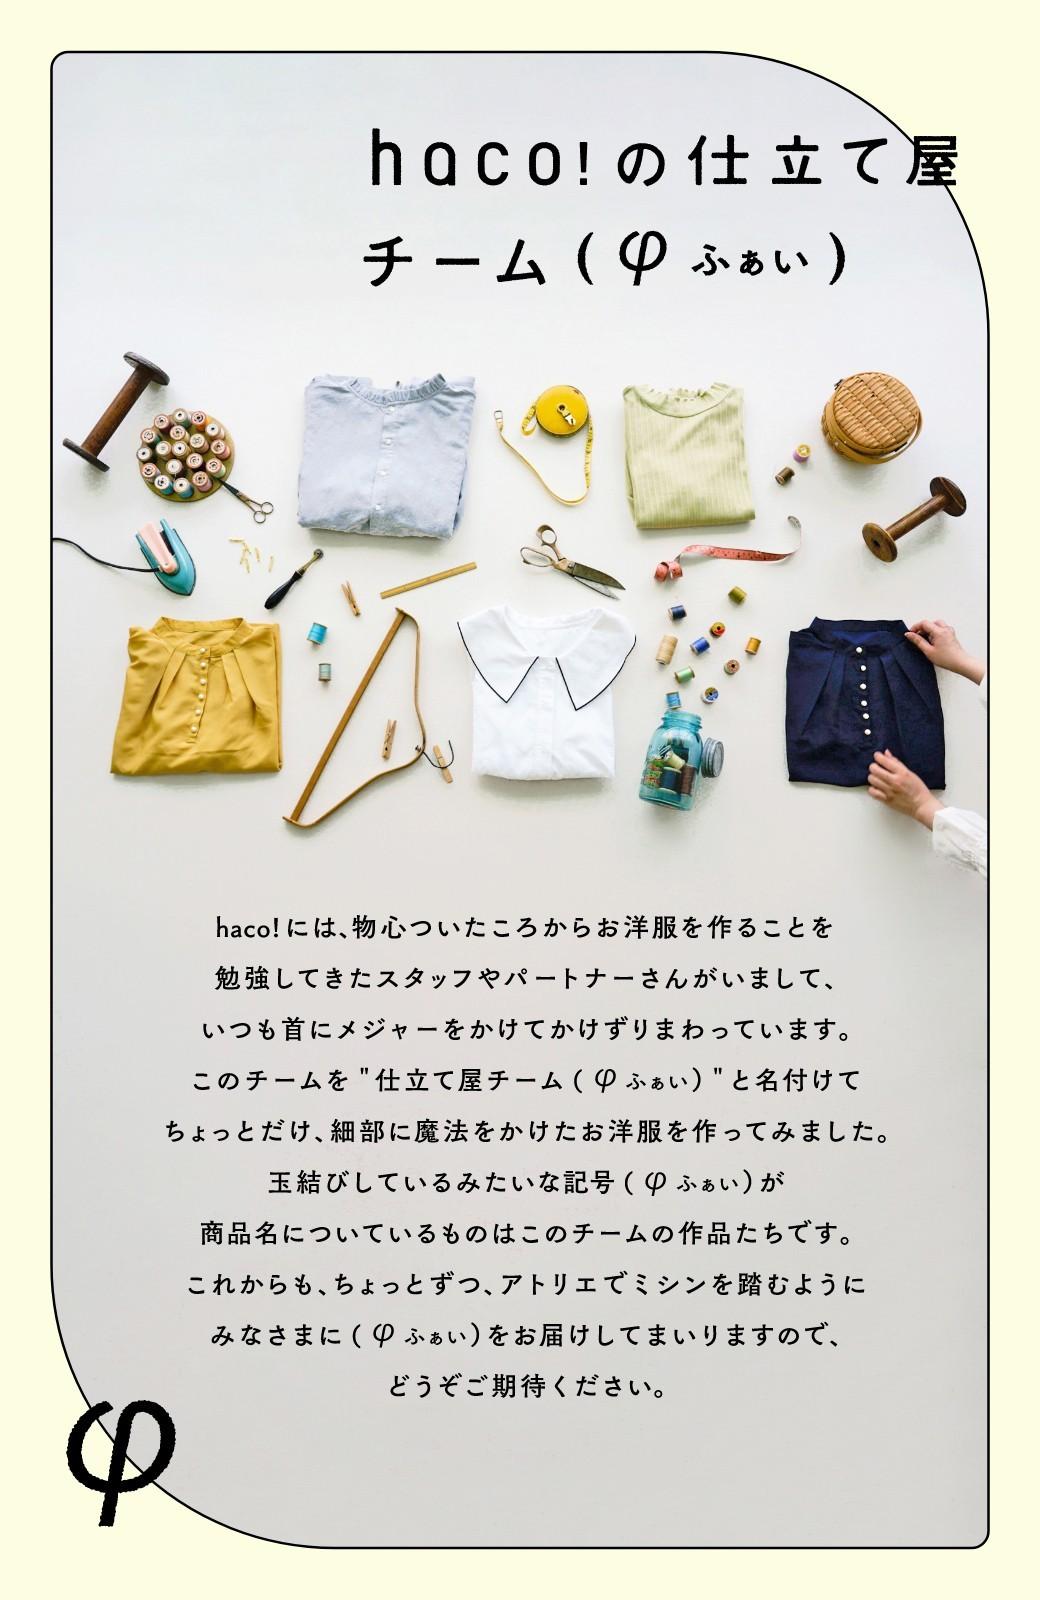 haco! (φ)透けすぎないから安心して着られる 華やか透かし編みニットトップス <カーキブラウン>の商品写真27